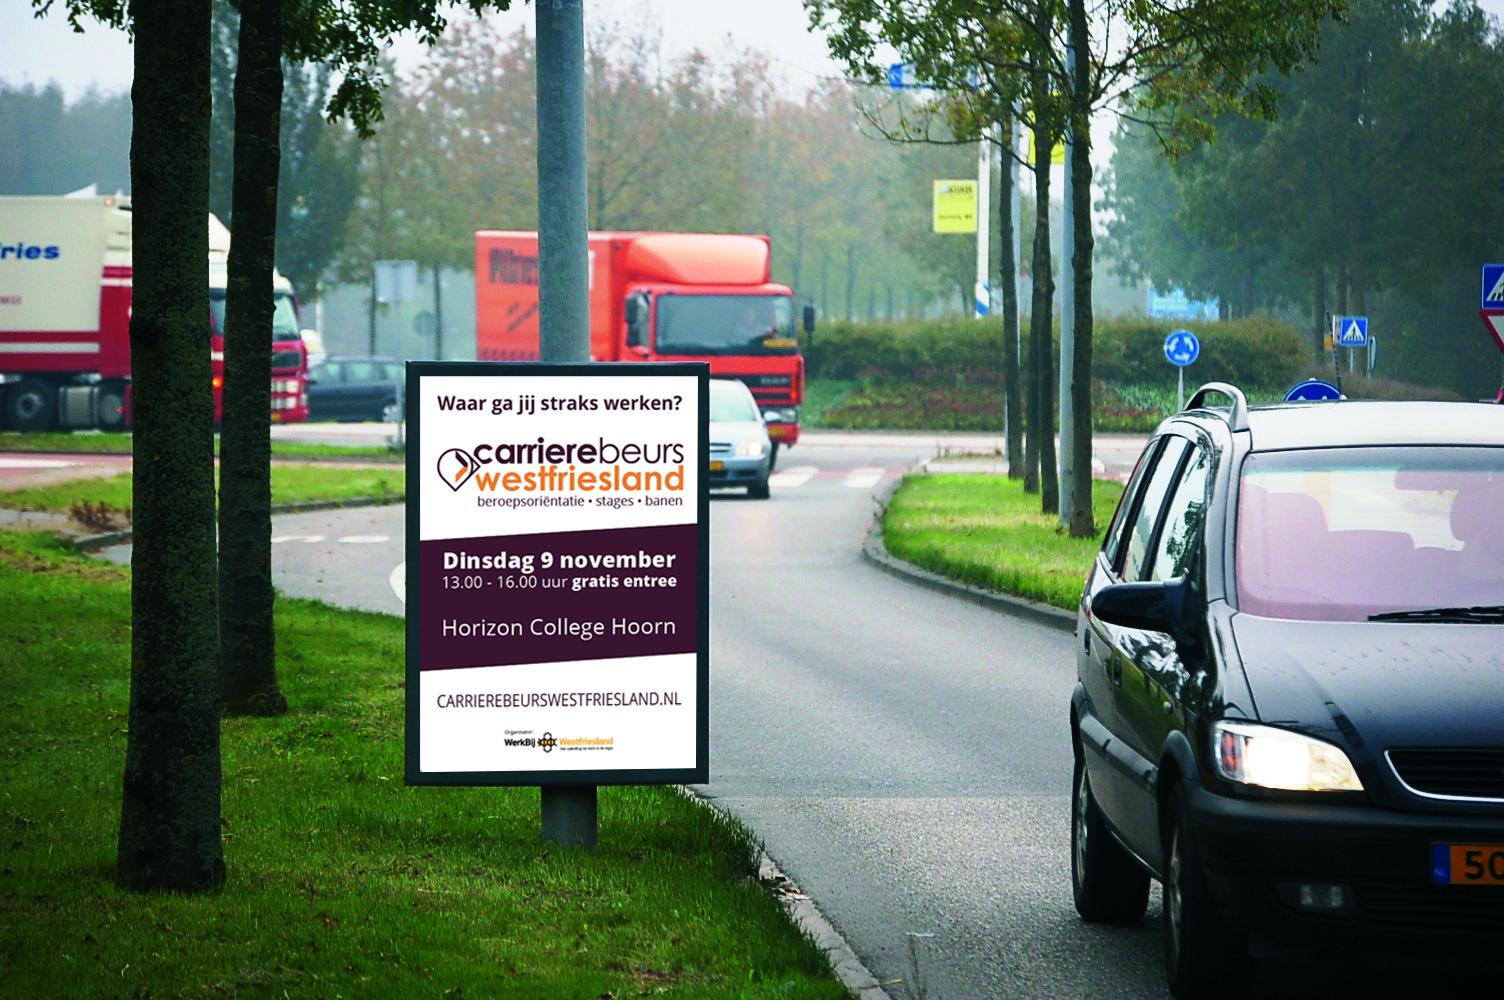 poster_mockup_carrierebeurswestfriesland2